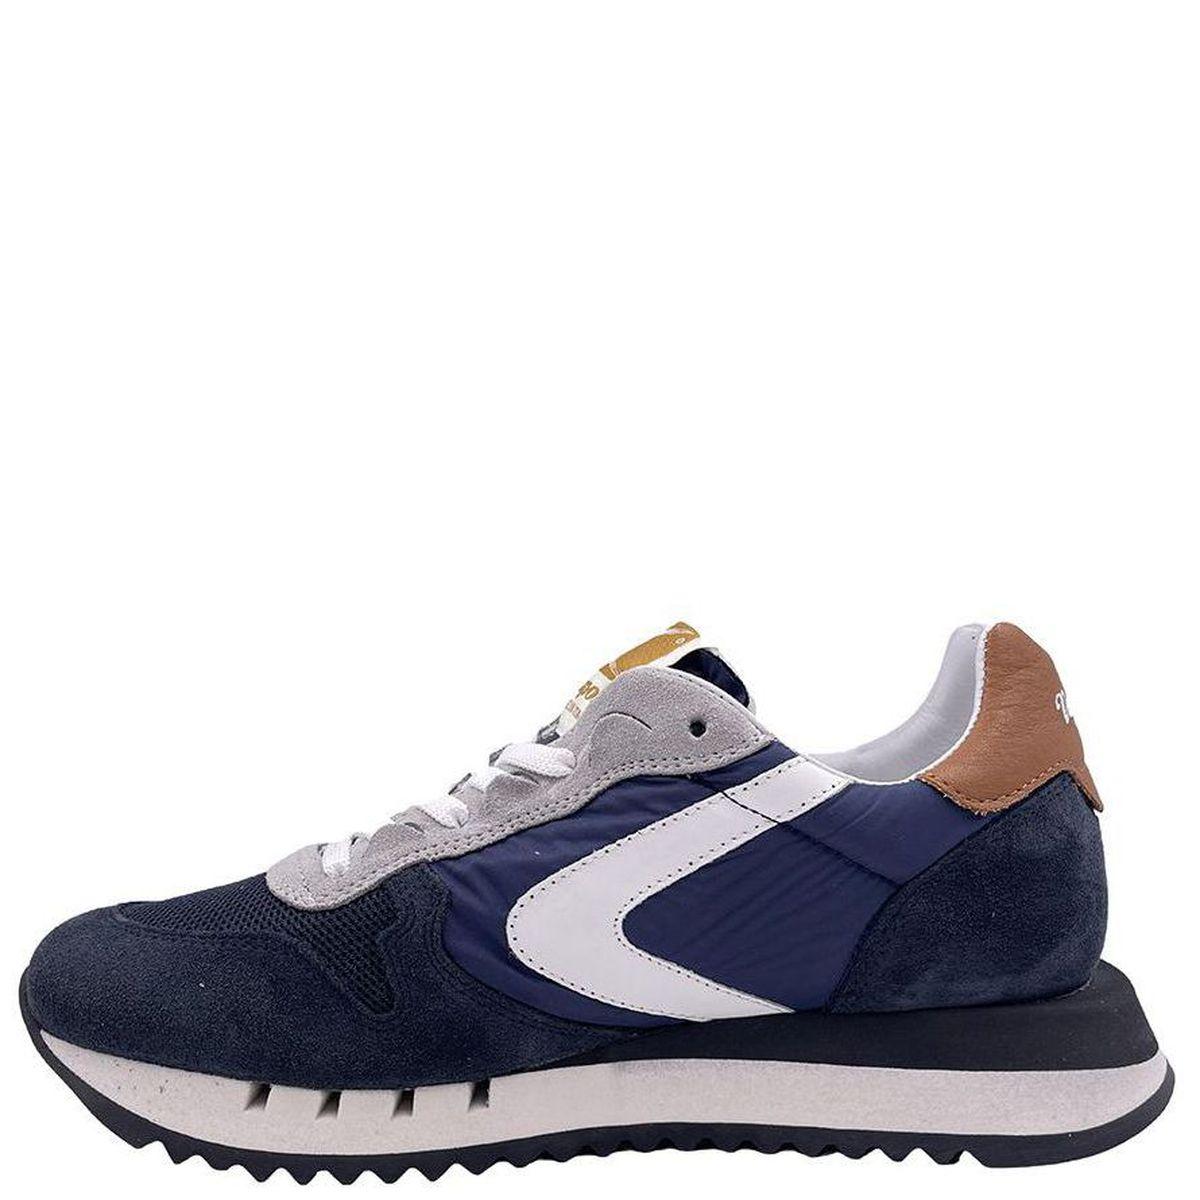 1. Sneakers Magic Run Blue Valsport